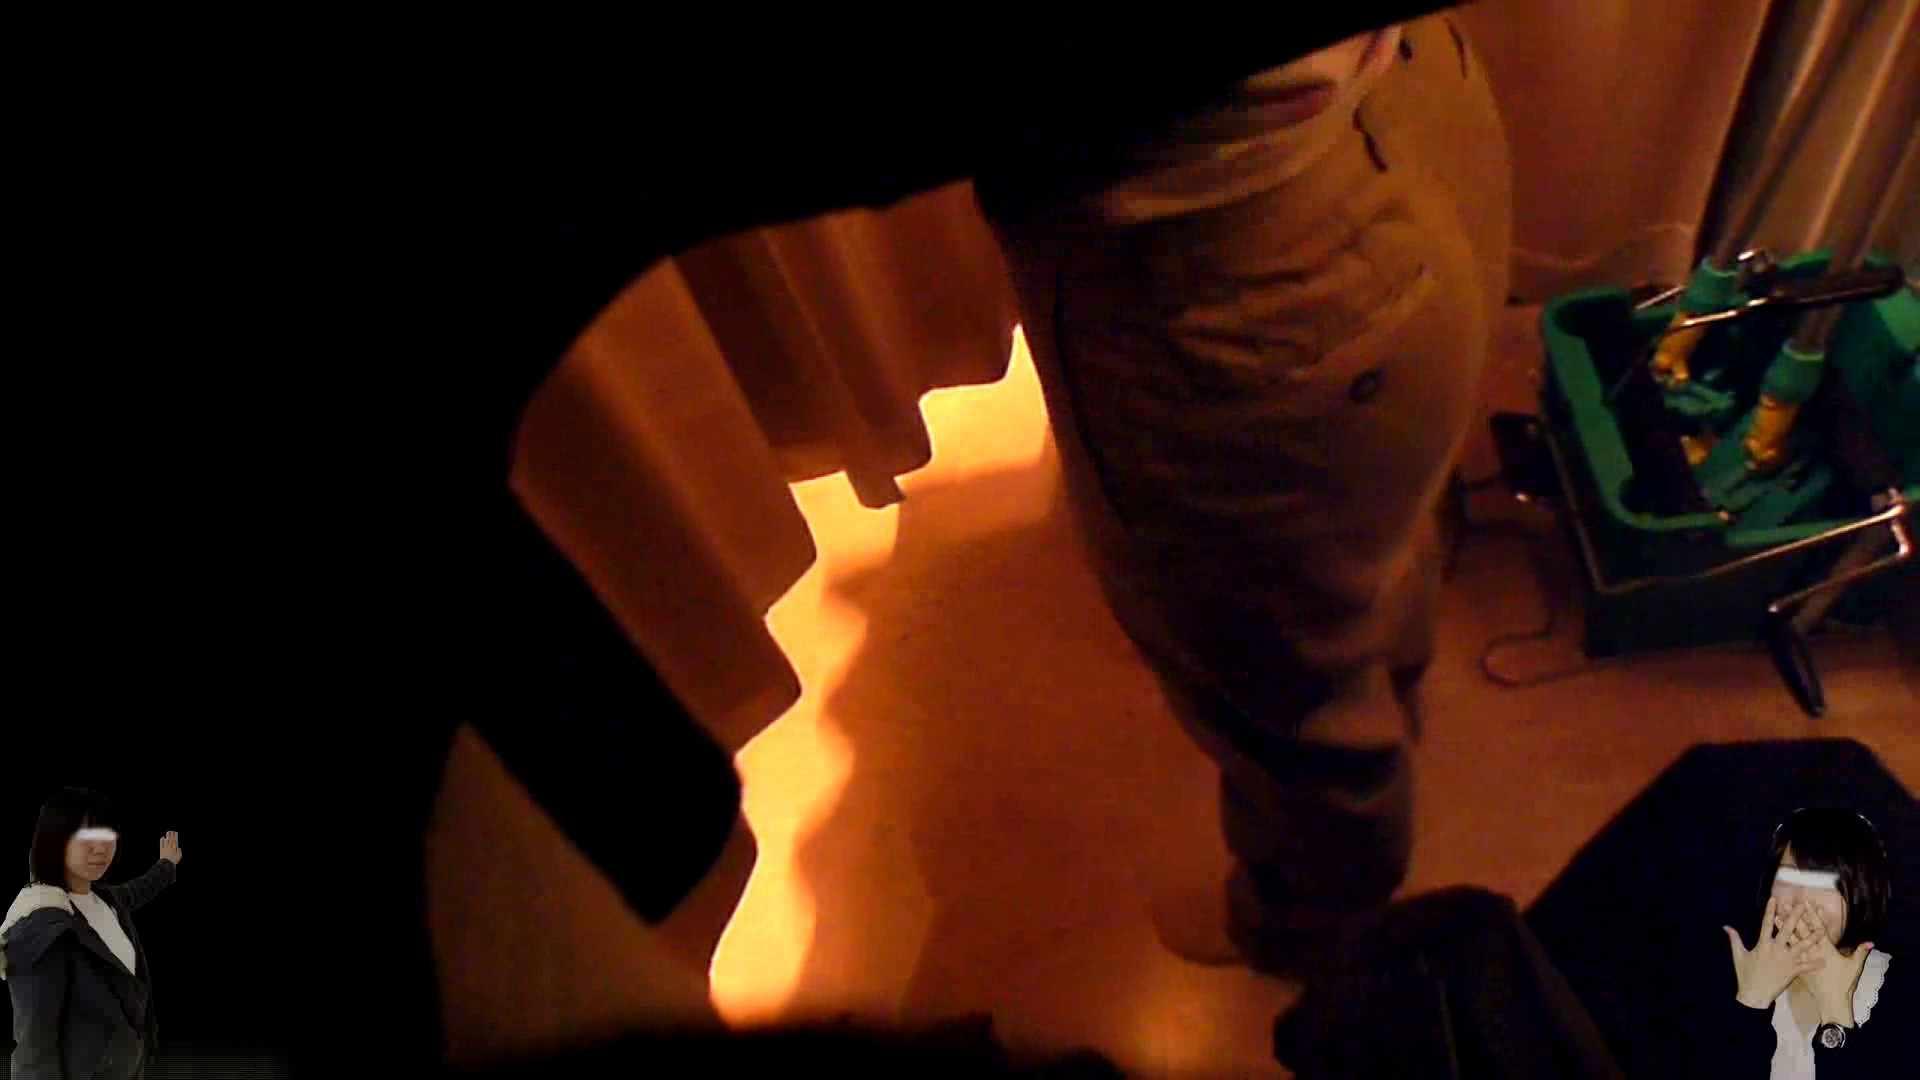 素人投稿 現役「JD」Eちゃんの着替え Vol.04 着替え 盗撮エロ画像 76PICs 34